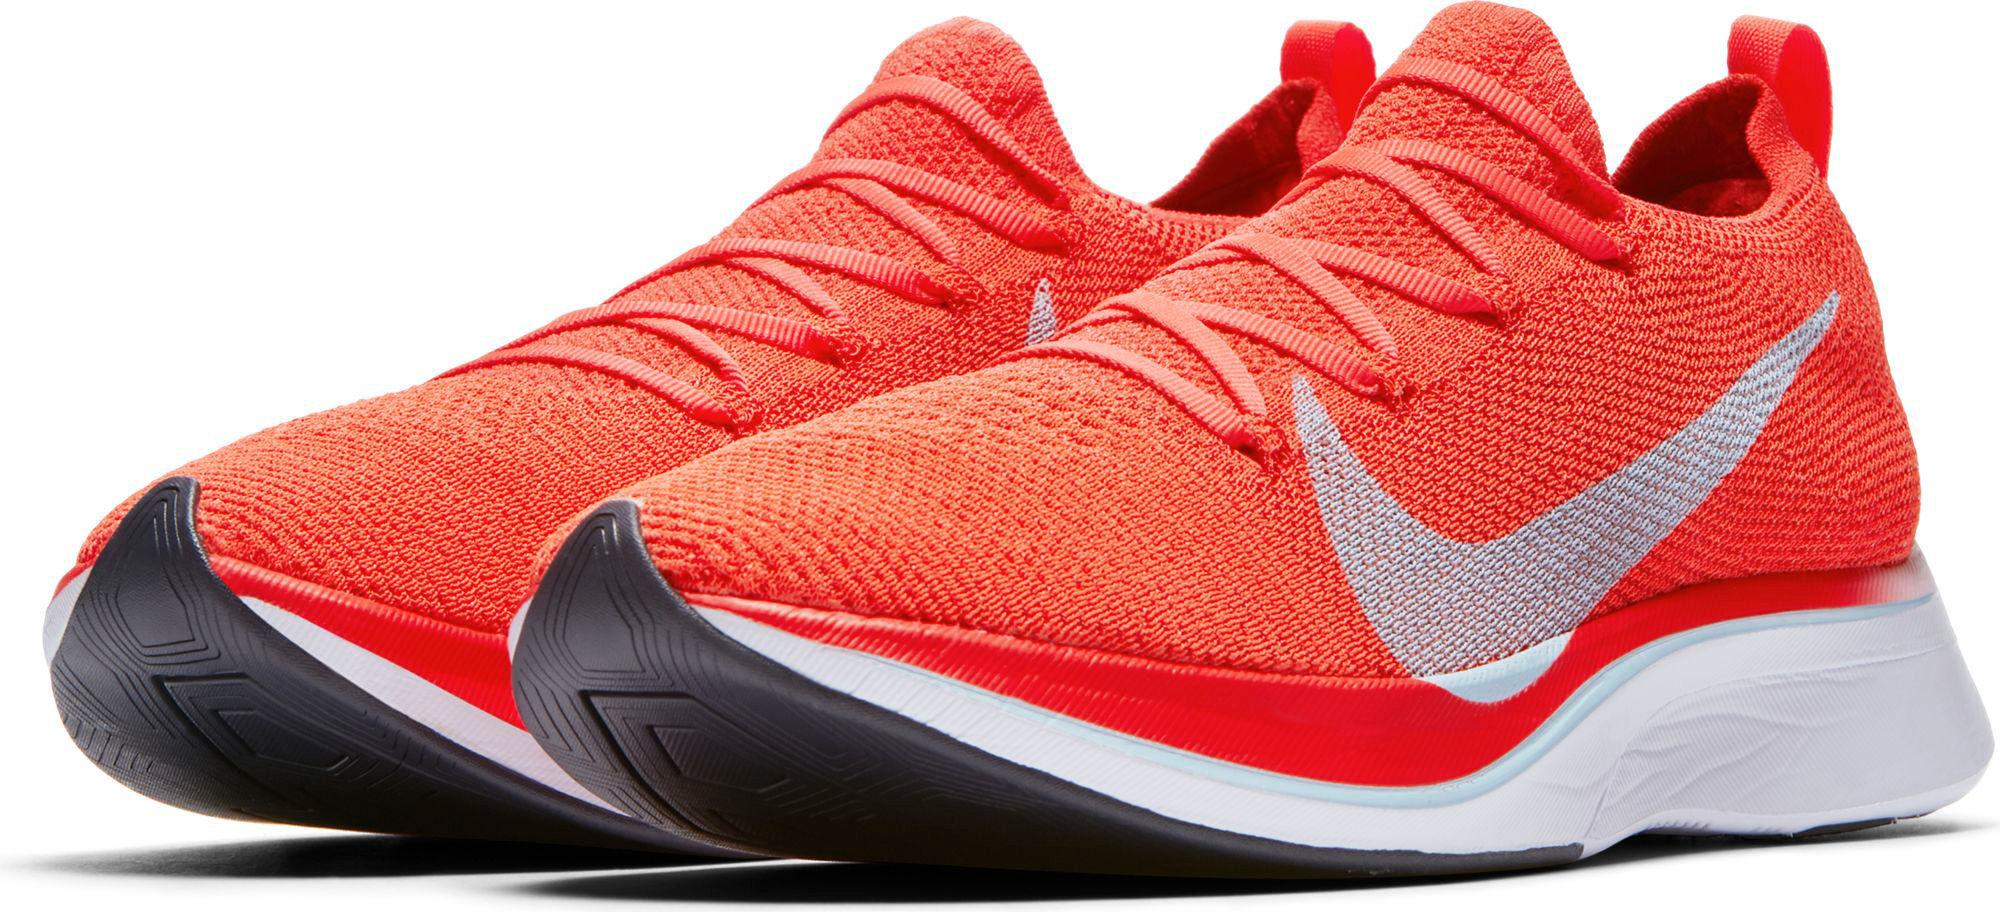 """Probamos las Nike Vaporfly 4%. ¿tanto ayuda como para que algunos profesionales hablen de """"doping"""" por correr con ellas?"""